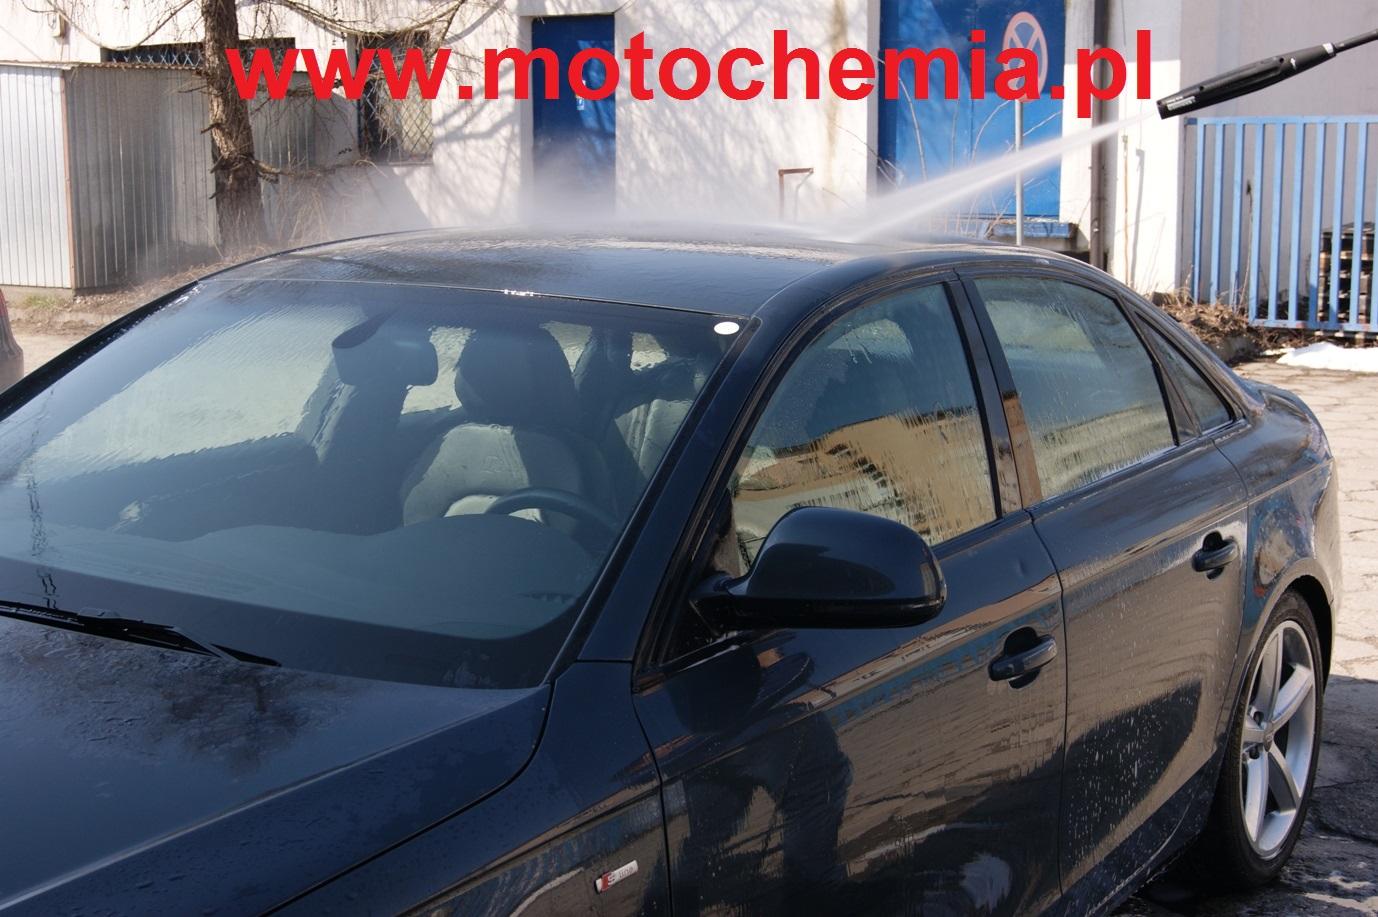 Spłukiwanie samochodu myjką ciśnieniową